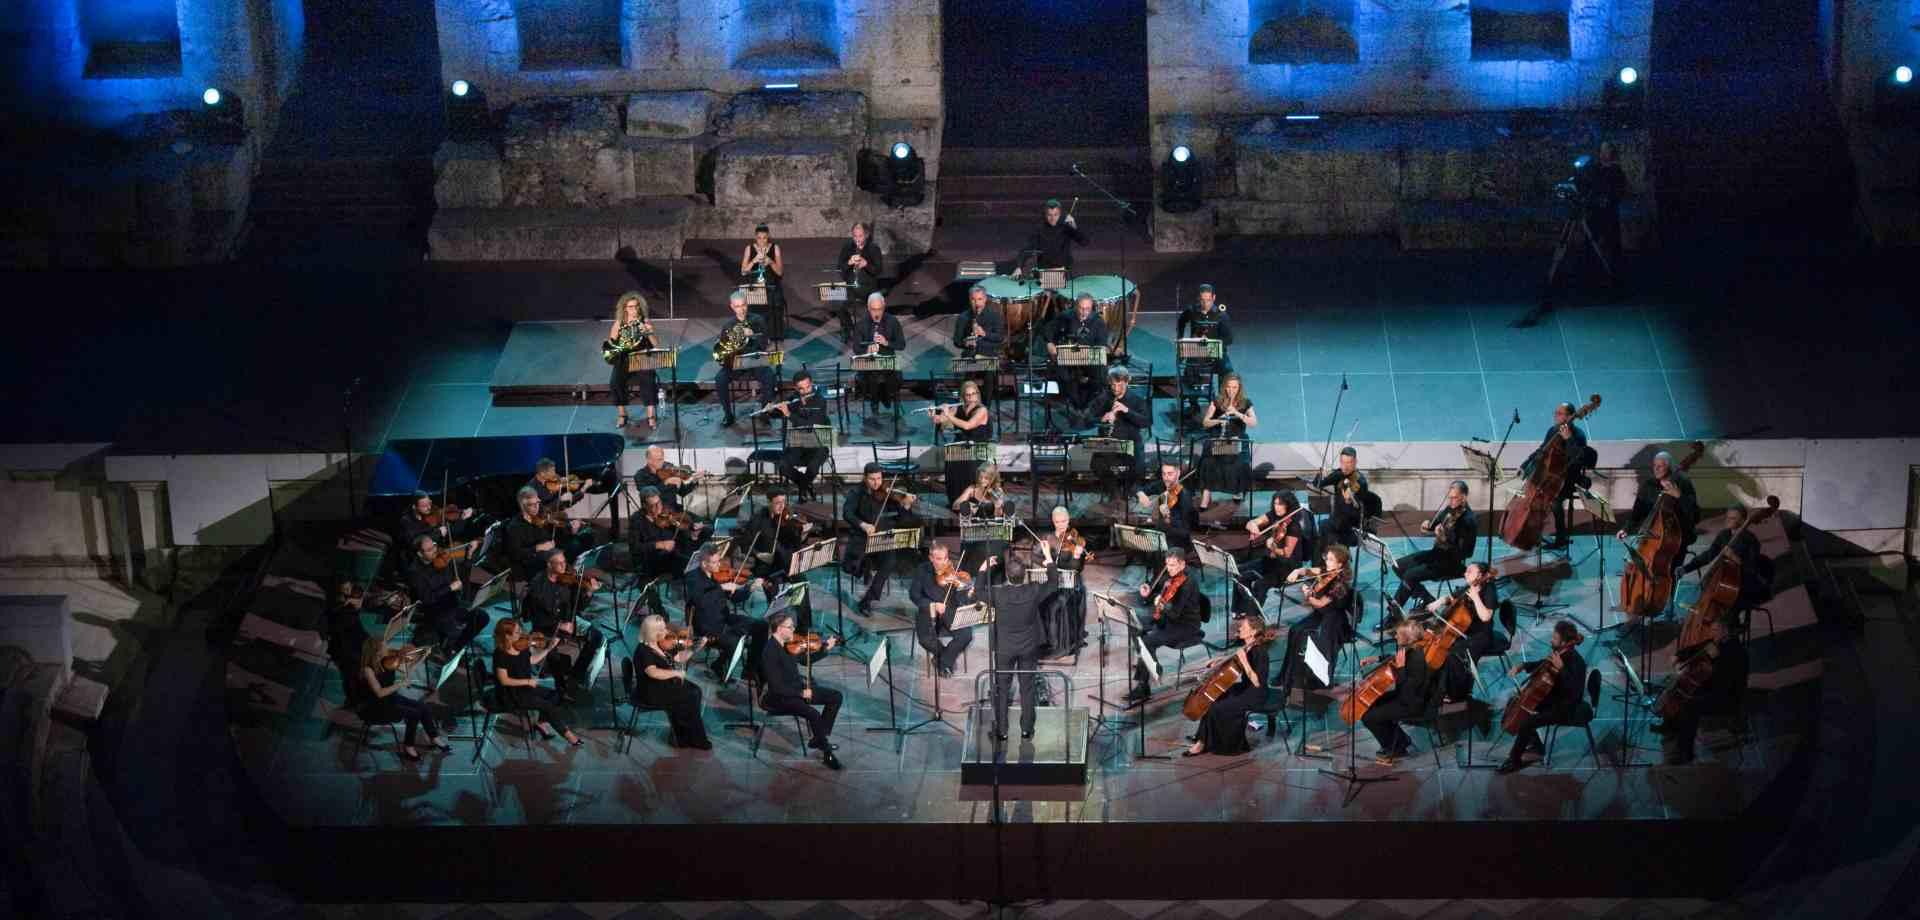 Εθνική Συμφωνική Ορχήστρα της ΕΡΤ - Ηρώδειο